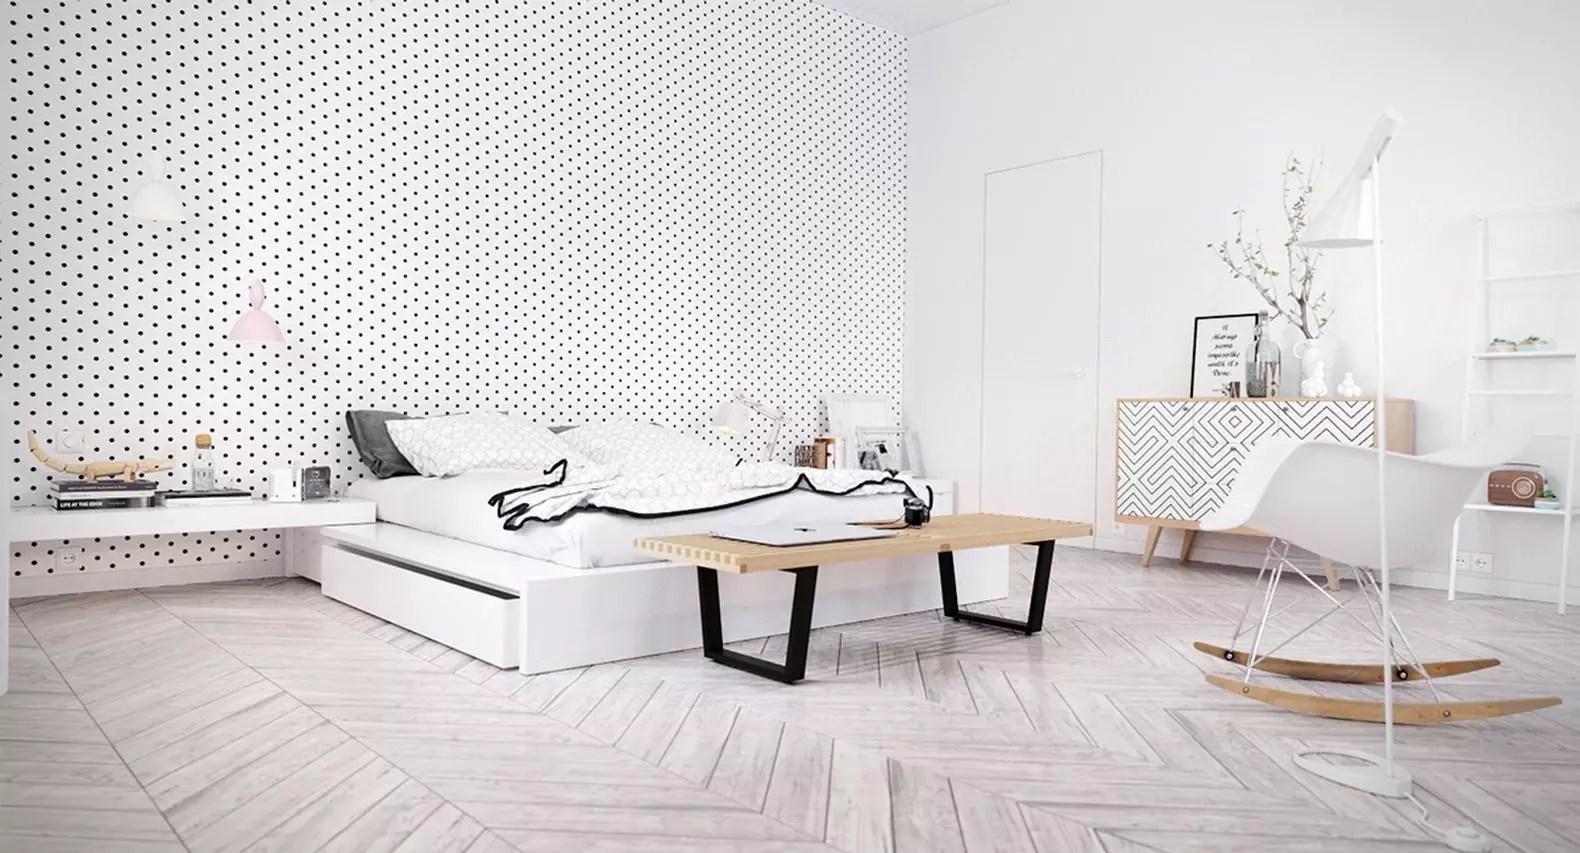 papier peint de style scandinave